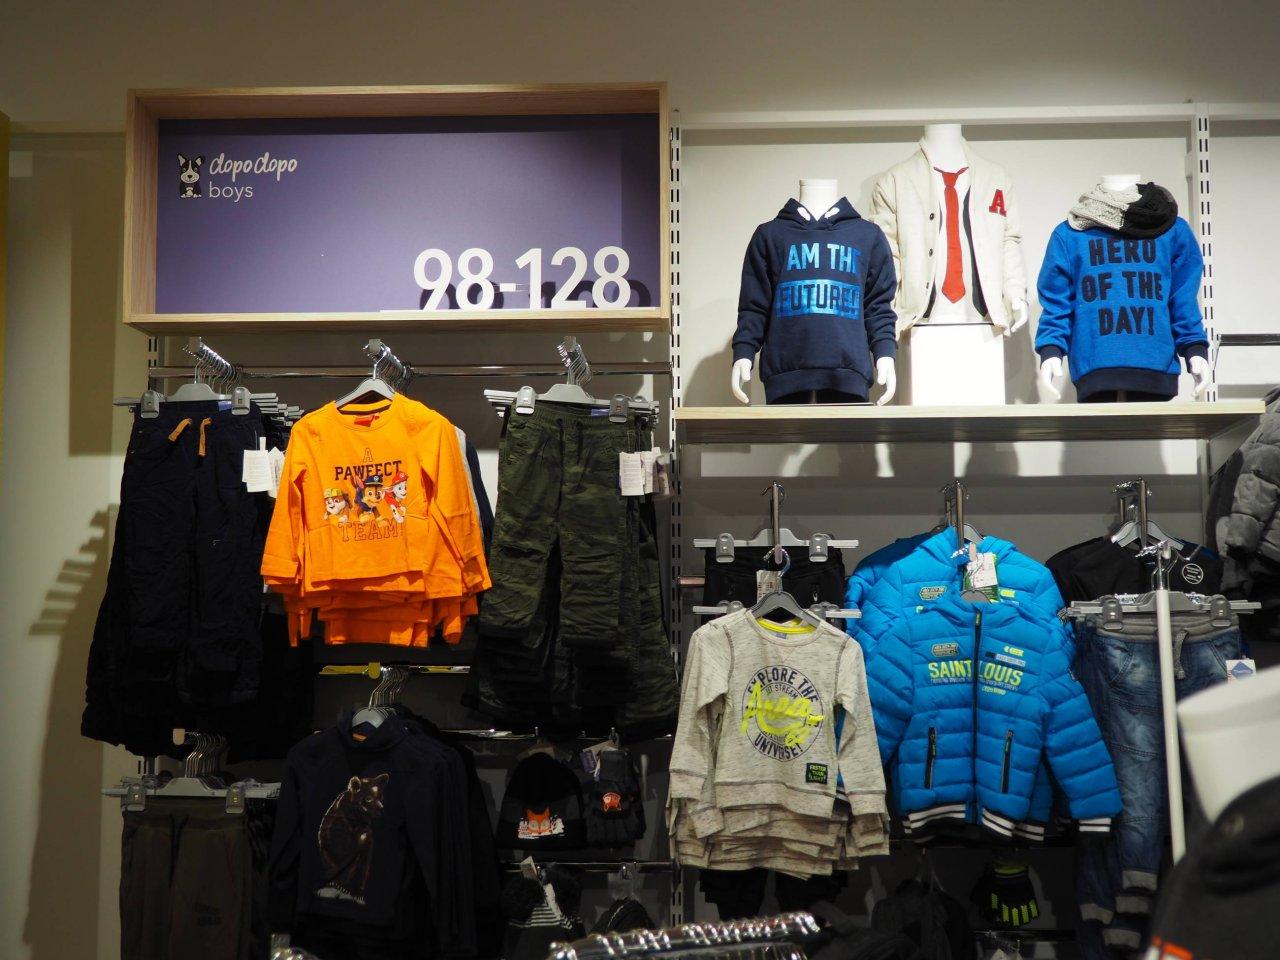 3-D Buchstaben Größenverlauf als Bereichsbeschilderung bei Takko fashion.